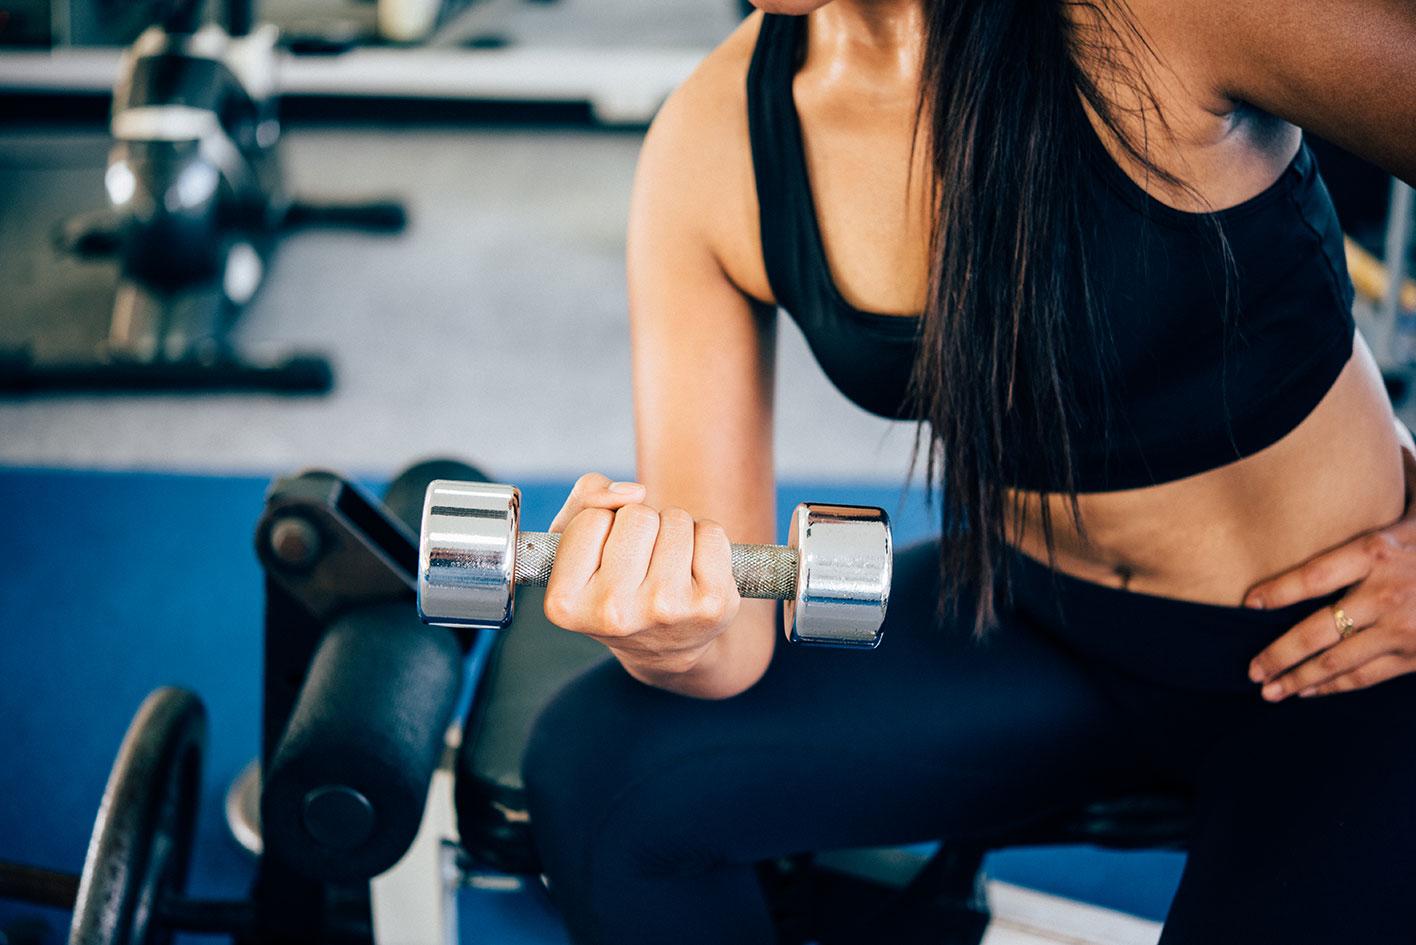 Комплекс эффективных упражнений для тренировки предплечий